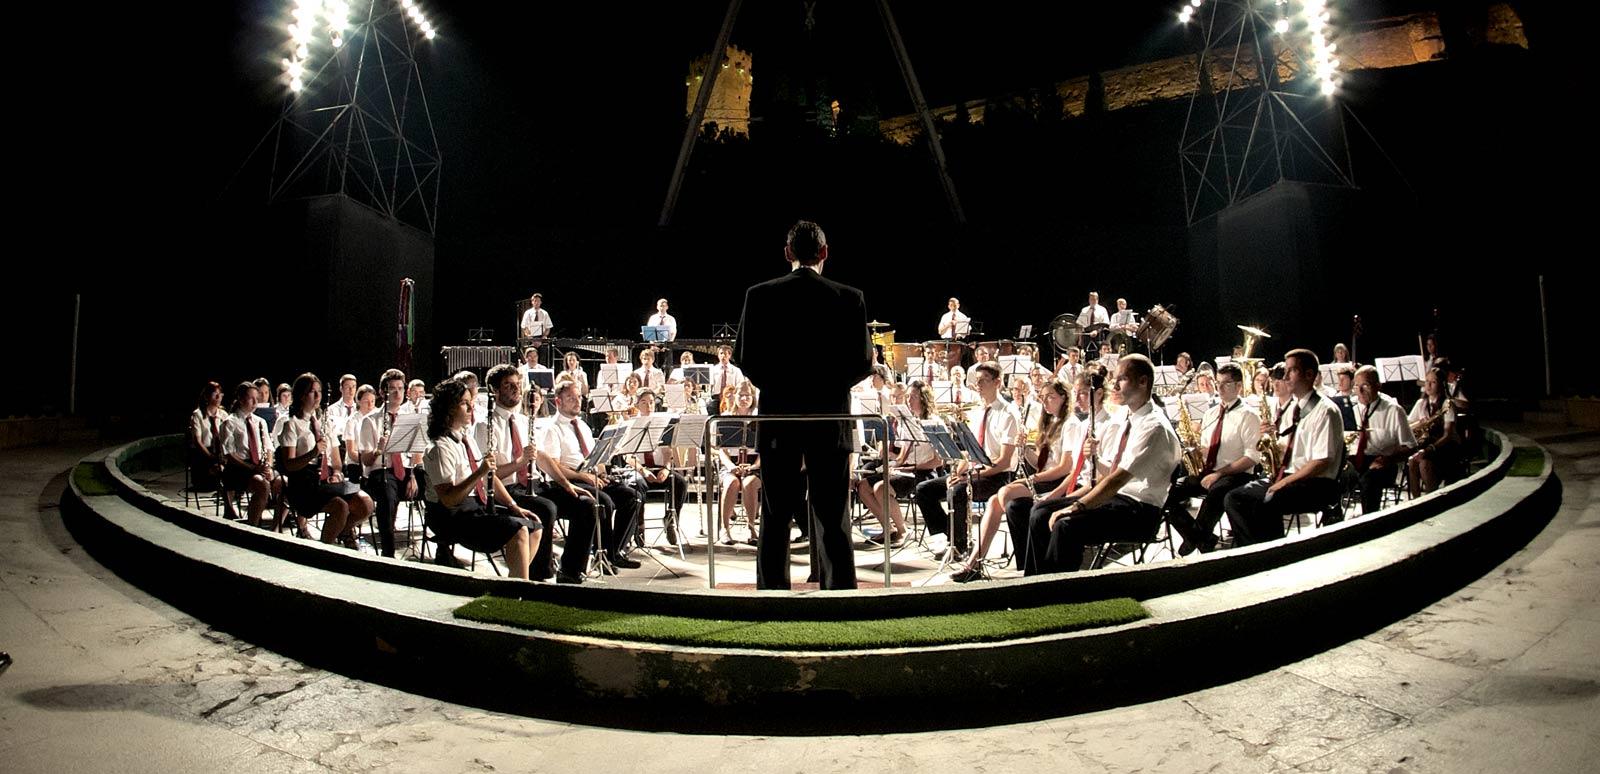 banda unió musical de tarragona